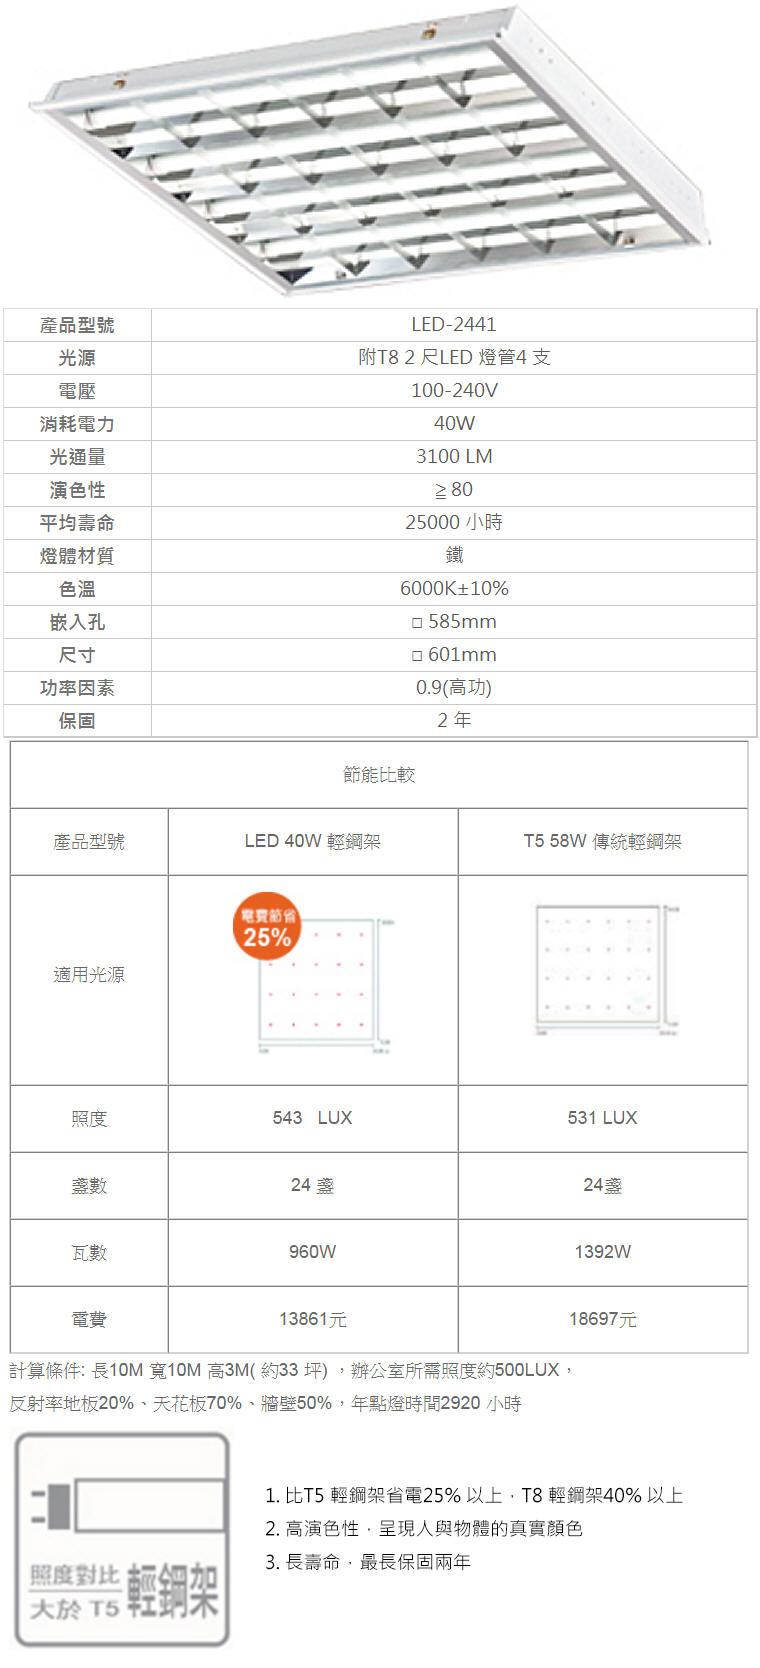 【舞光LED】2x2尺4管輕鋼架燈+常規燈管 LED-2441R1+10GL  全電壓